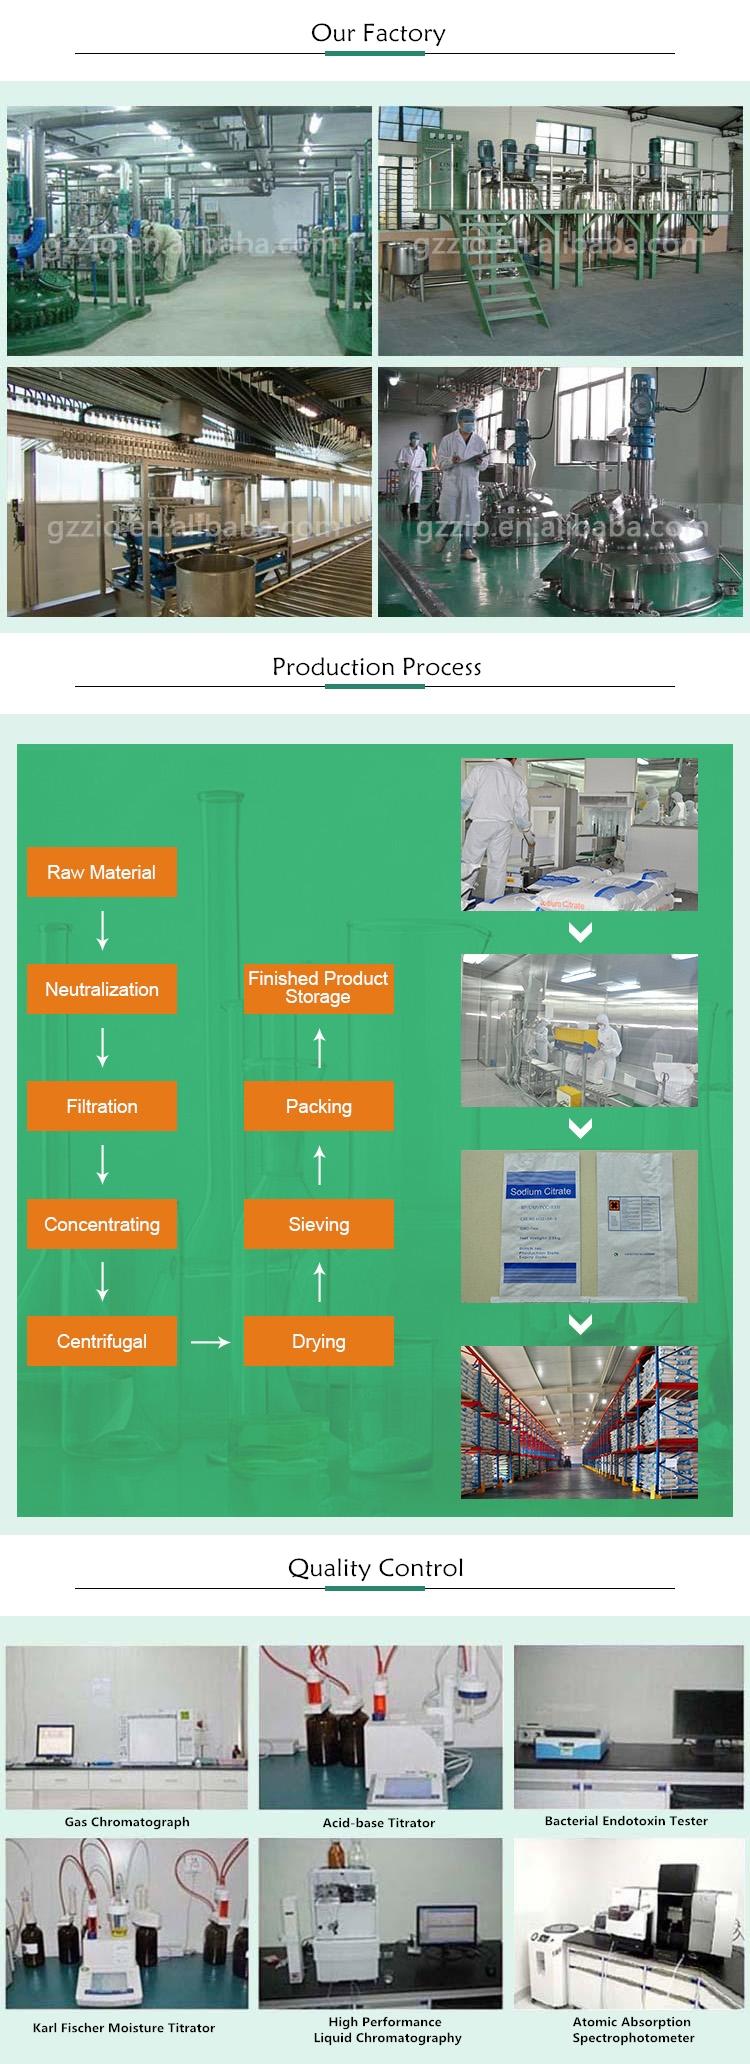 COM food ingredients-2-2.jpg